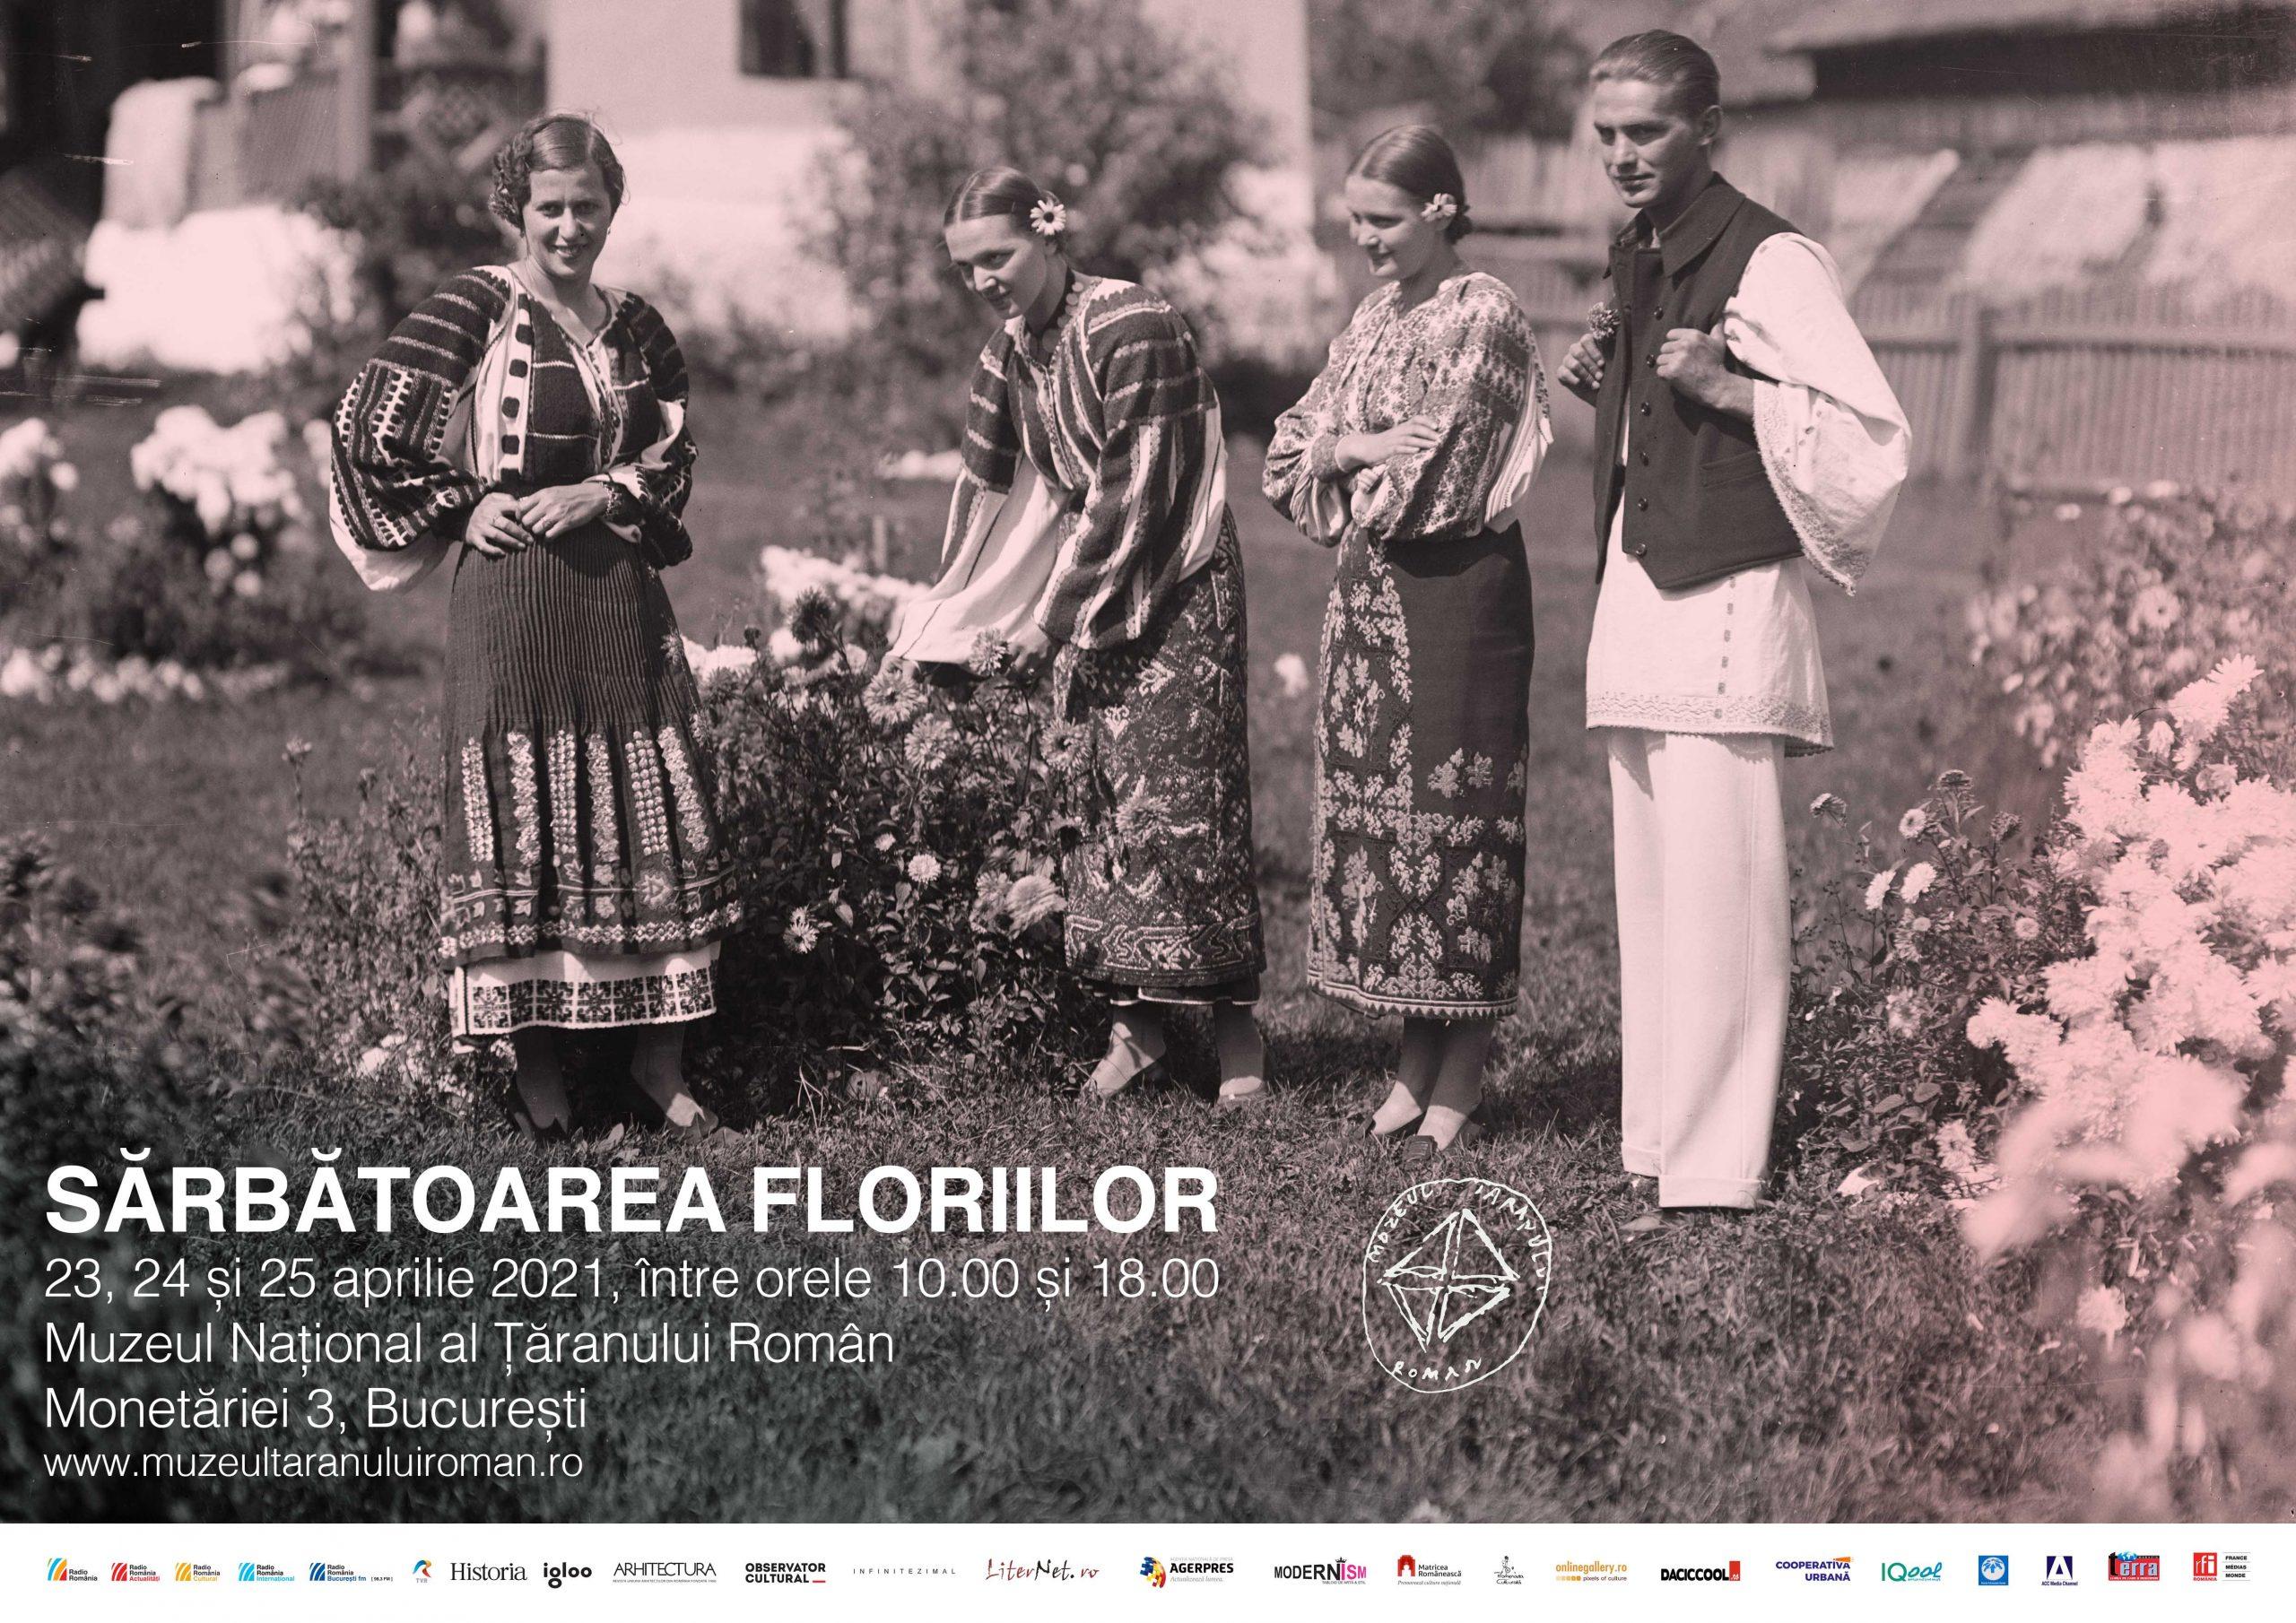 Sărbătoarea Floriilor - eveniment organizat de Muzeul Național al Țăranului Român. Care este prețul biletului